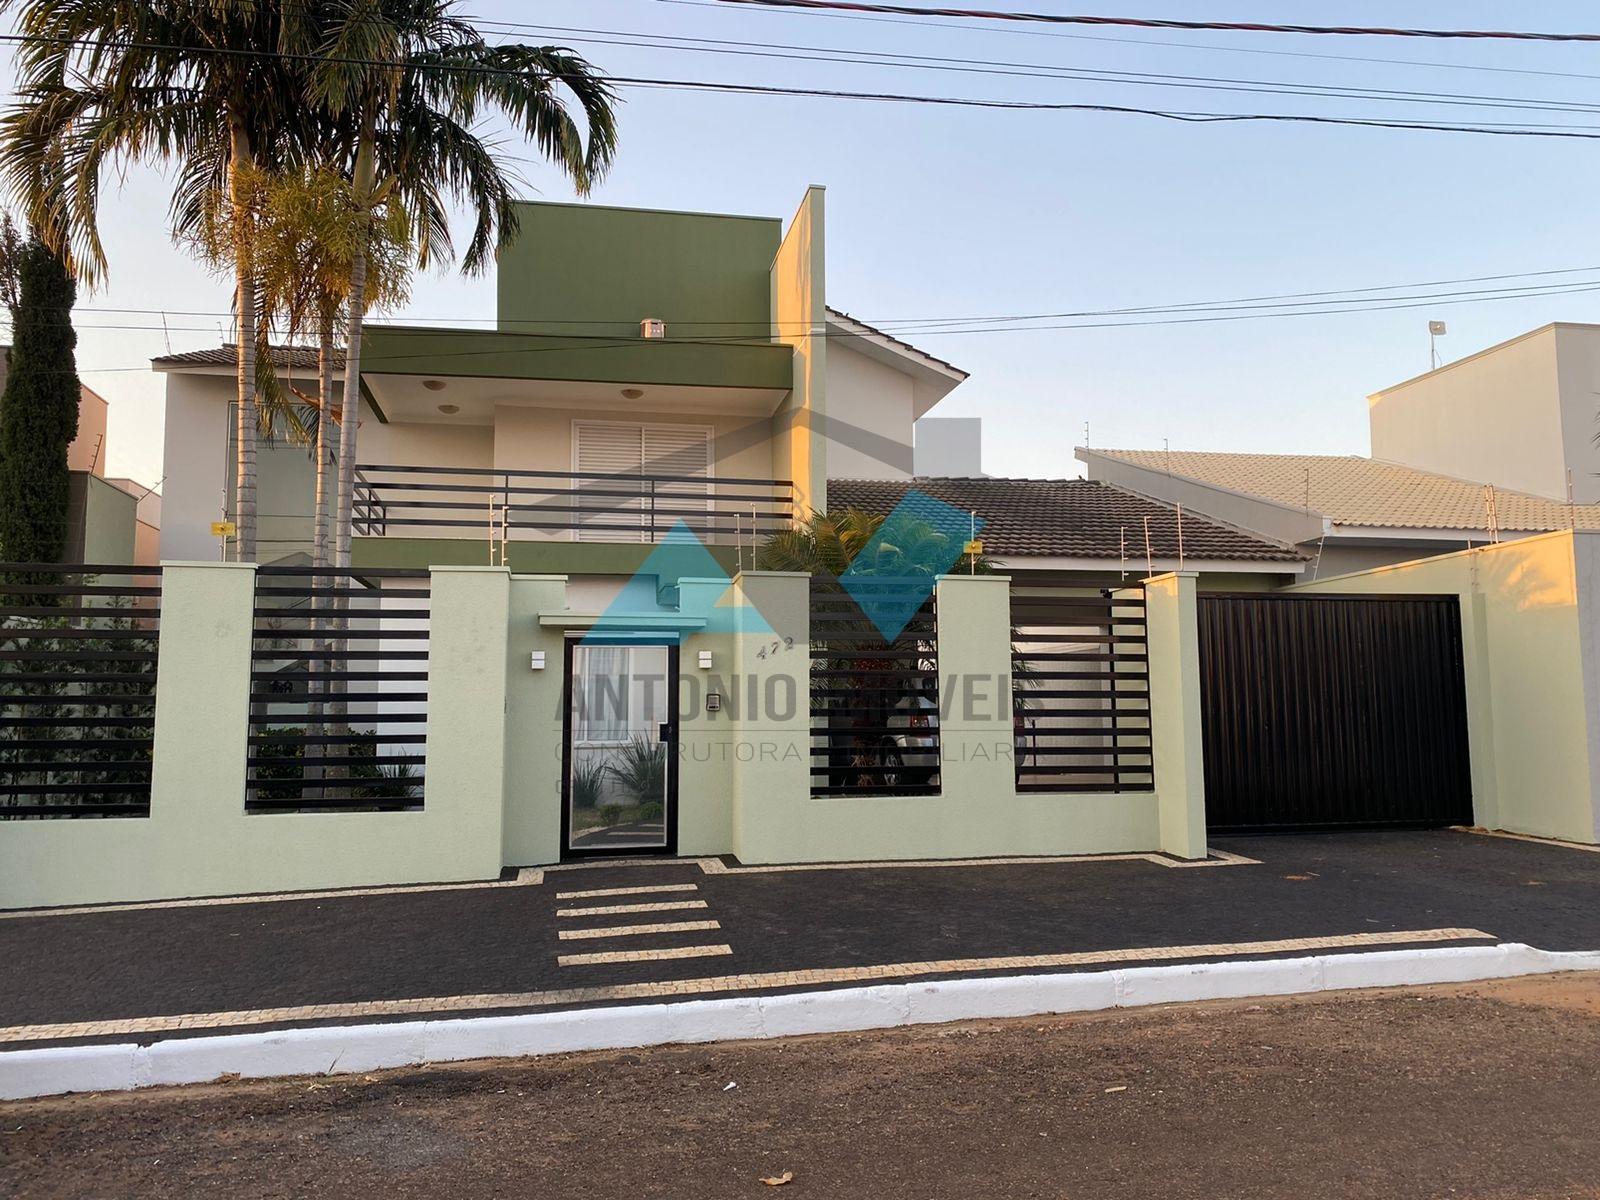 Cod. 062 – Casa alto padrão Bairro Jardim das Américas